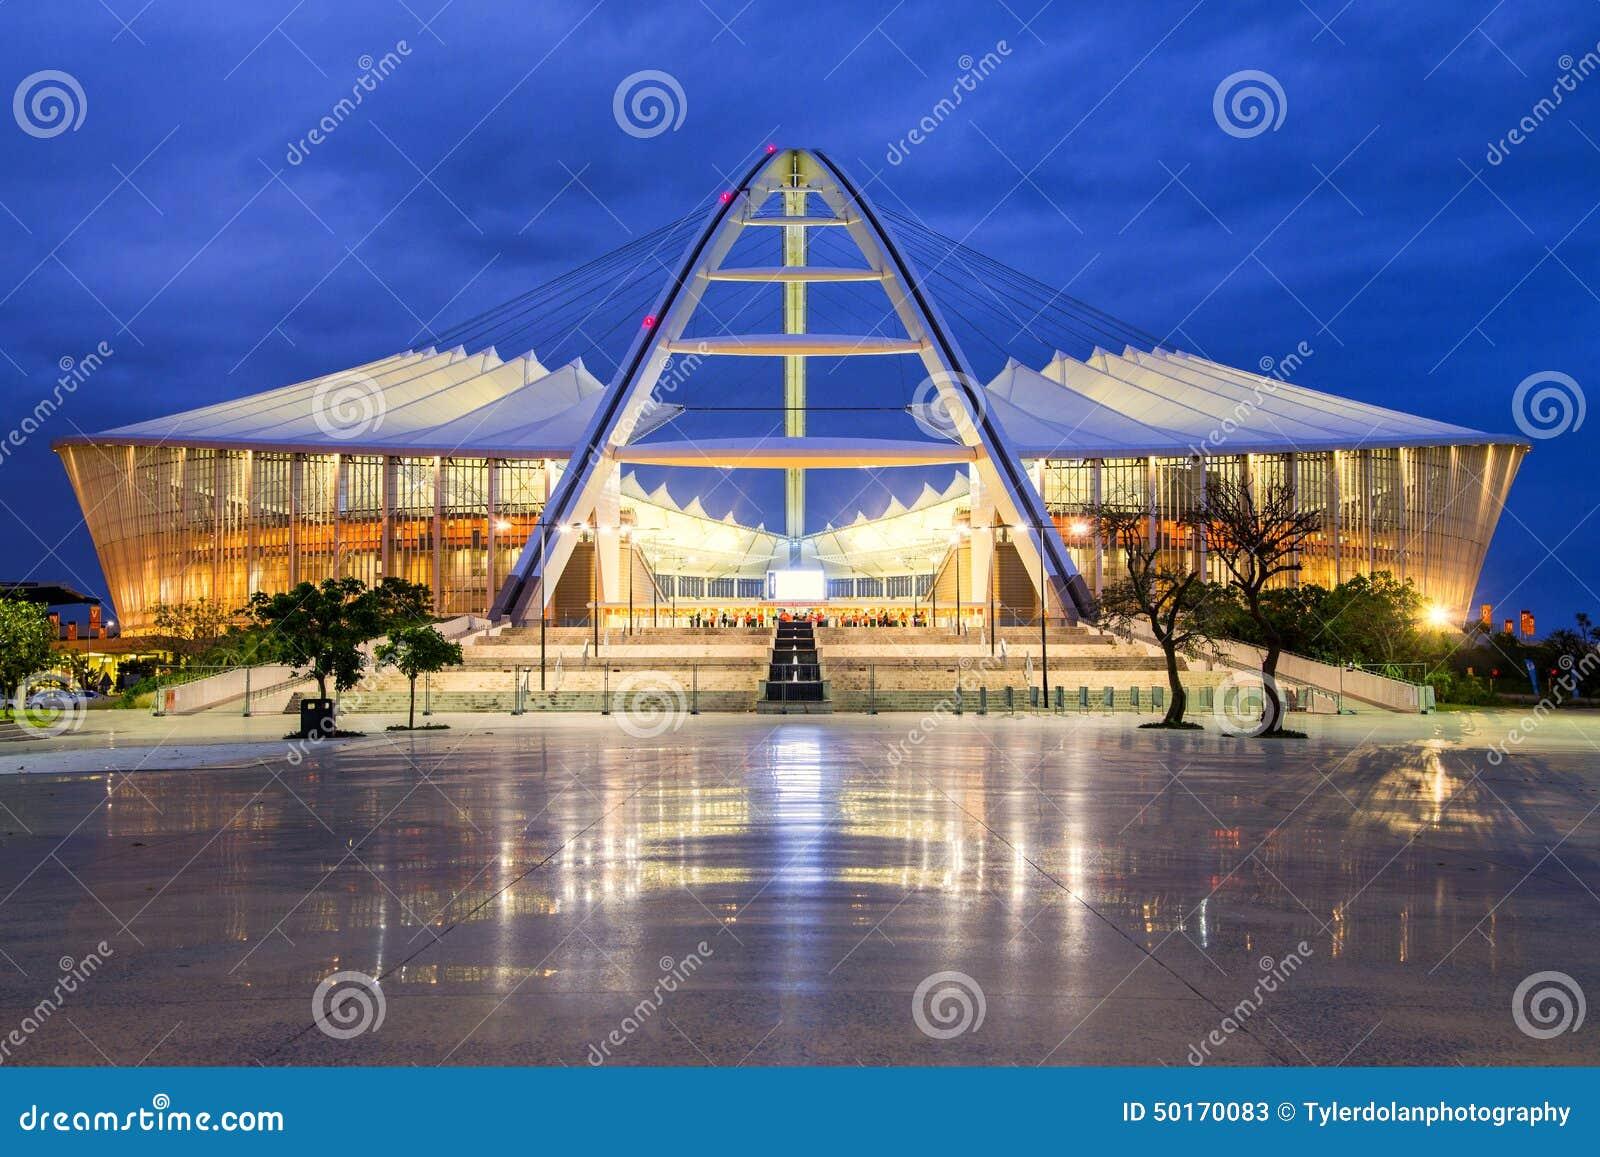 Παγκόσμιο Κύπελλο του Μωυσή Mabhida Stadium